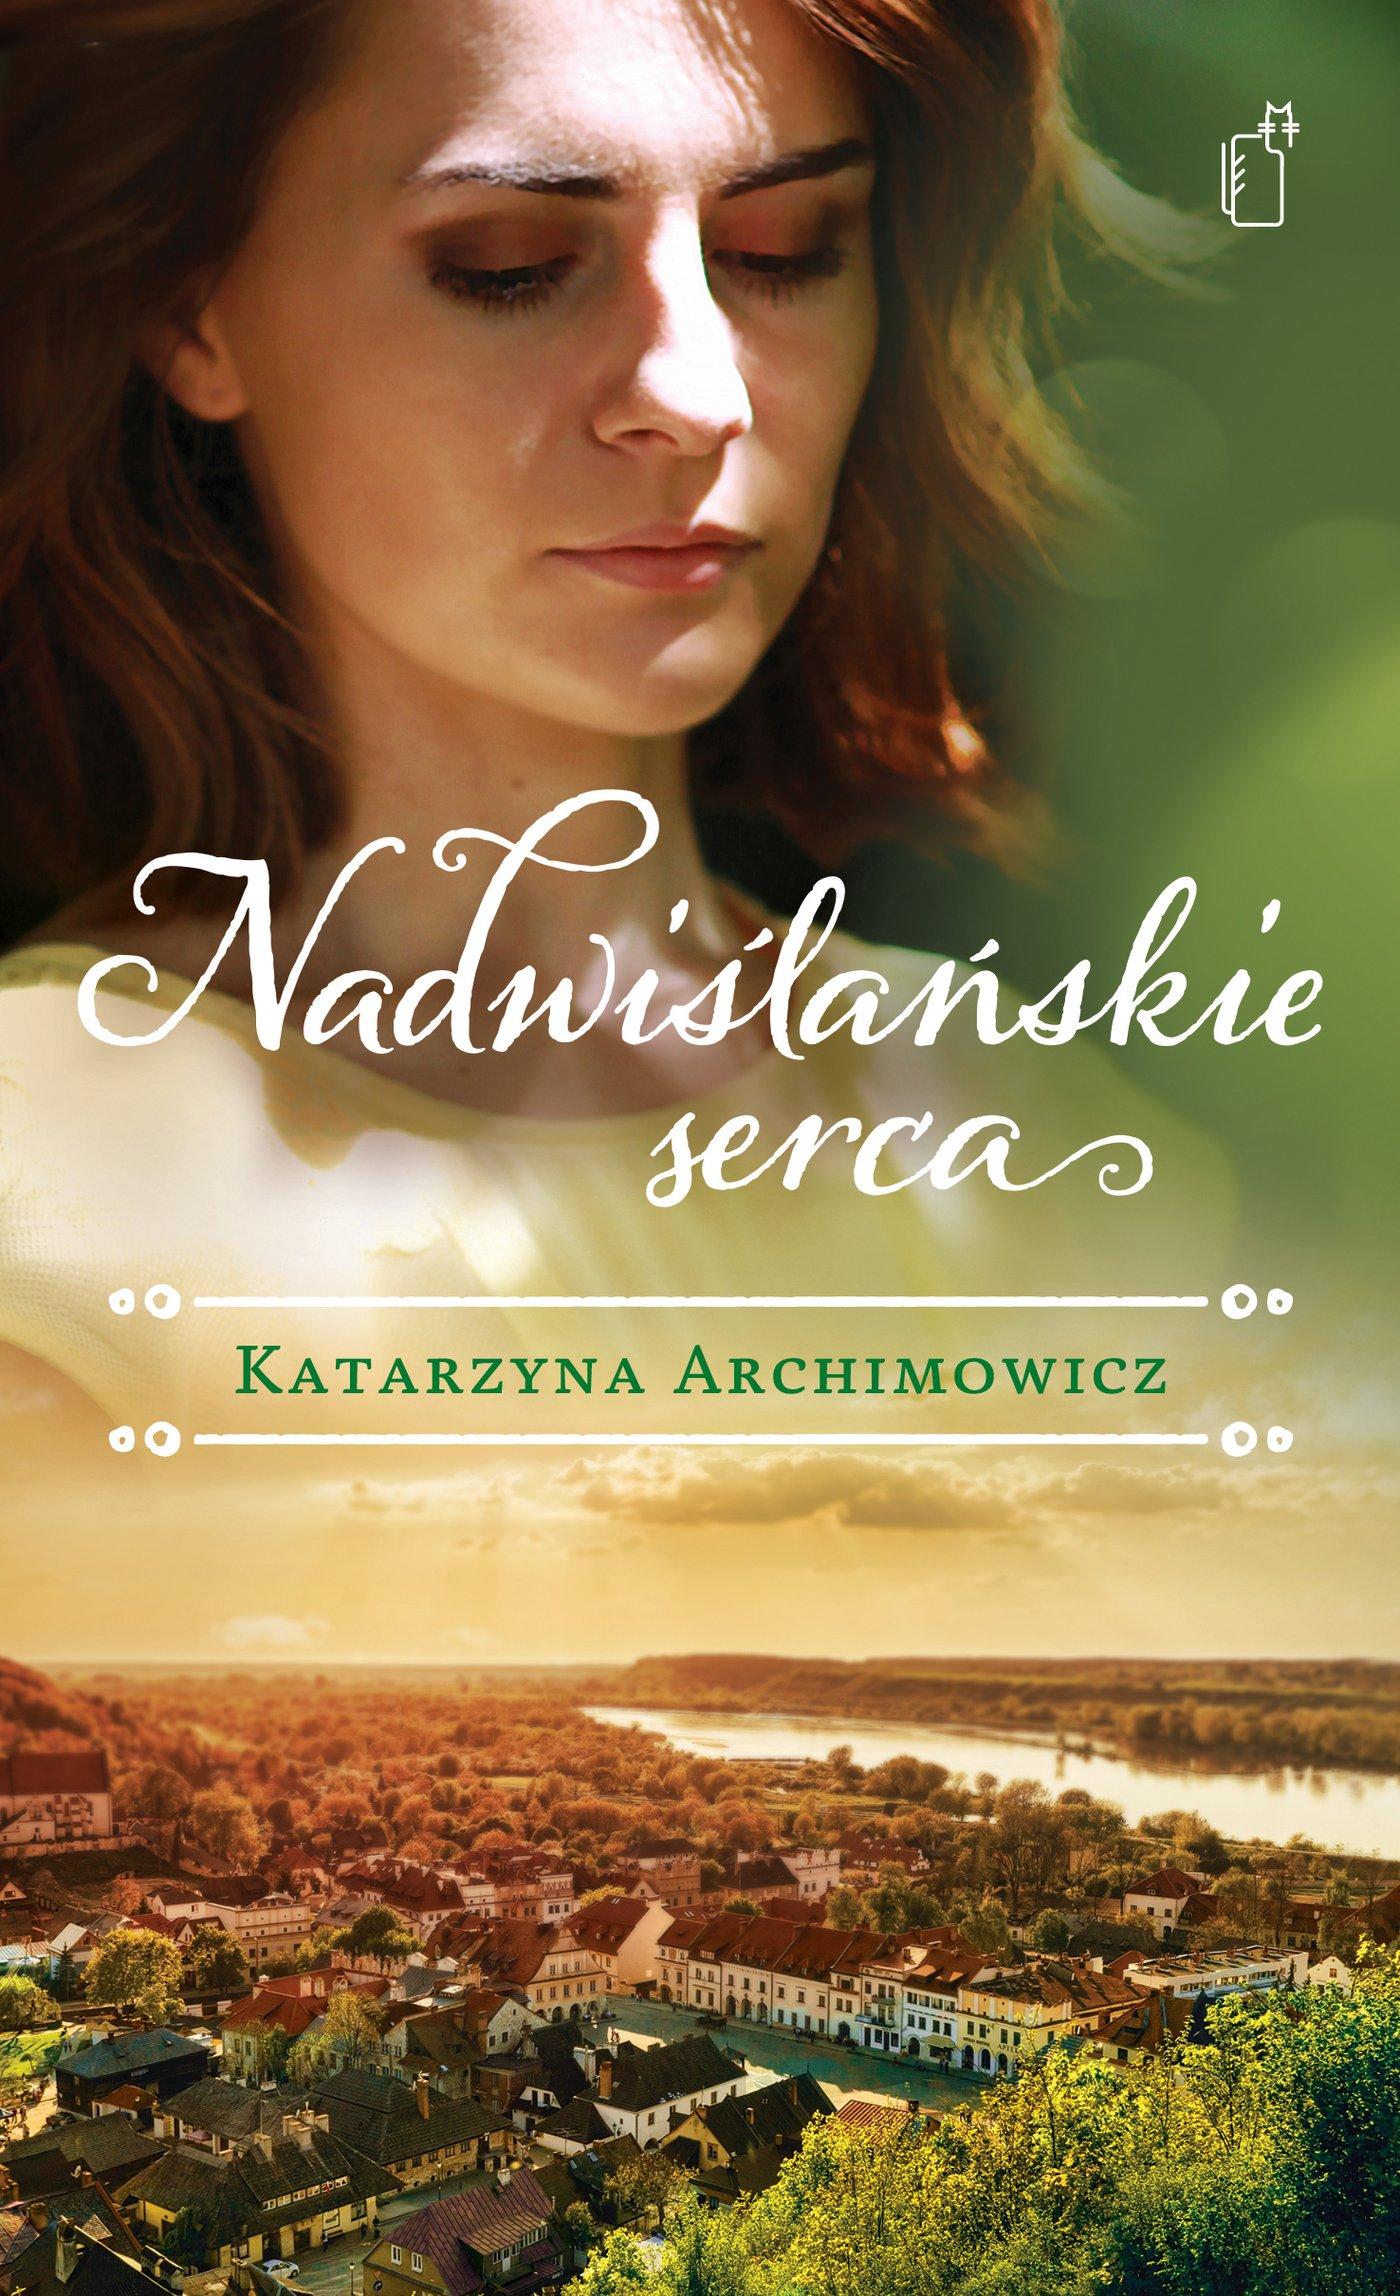 Nadwiślańskie serca - Ebook (Książka na Kindle) do pobrania w formacie MOBI